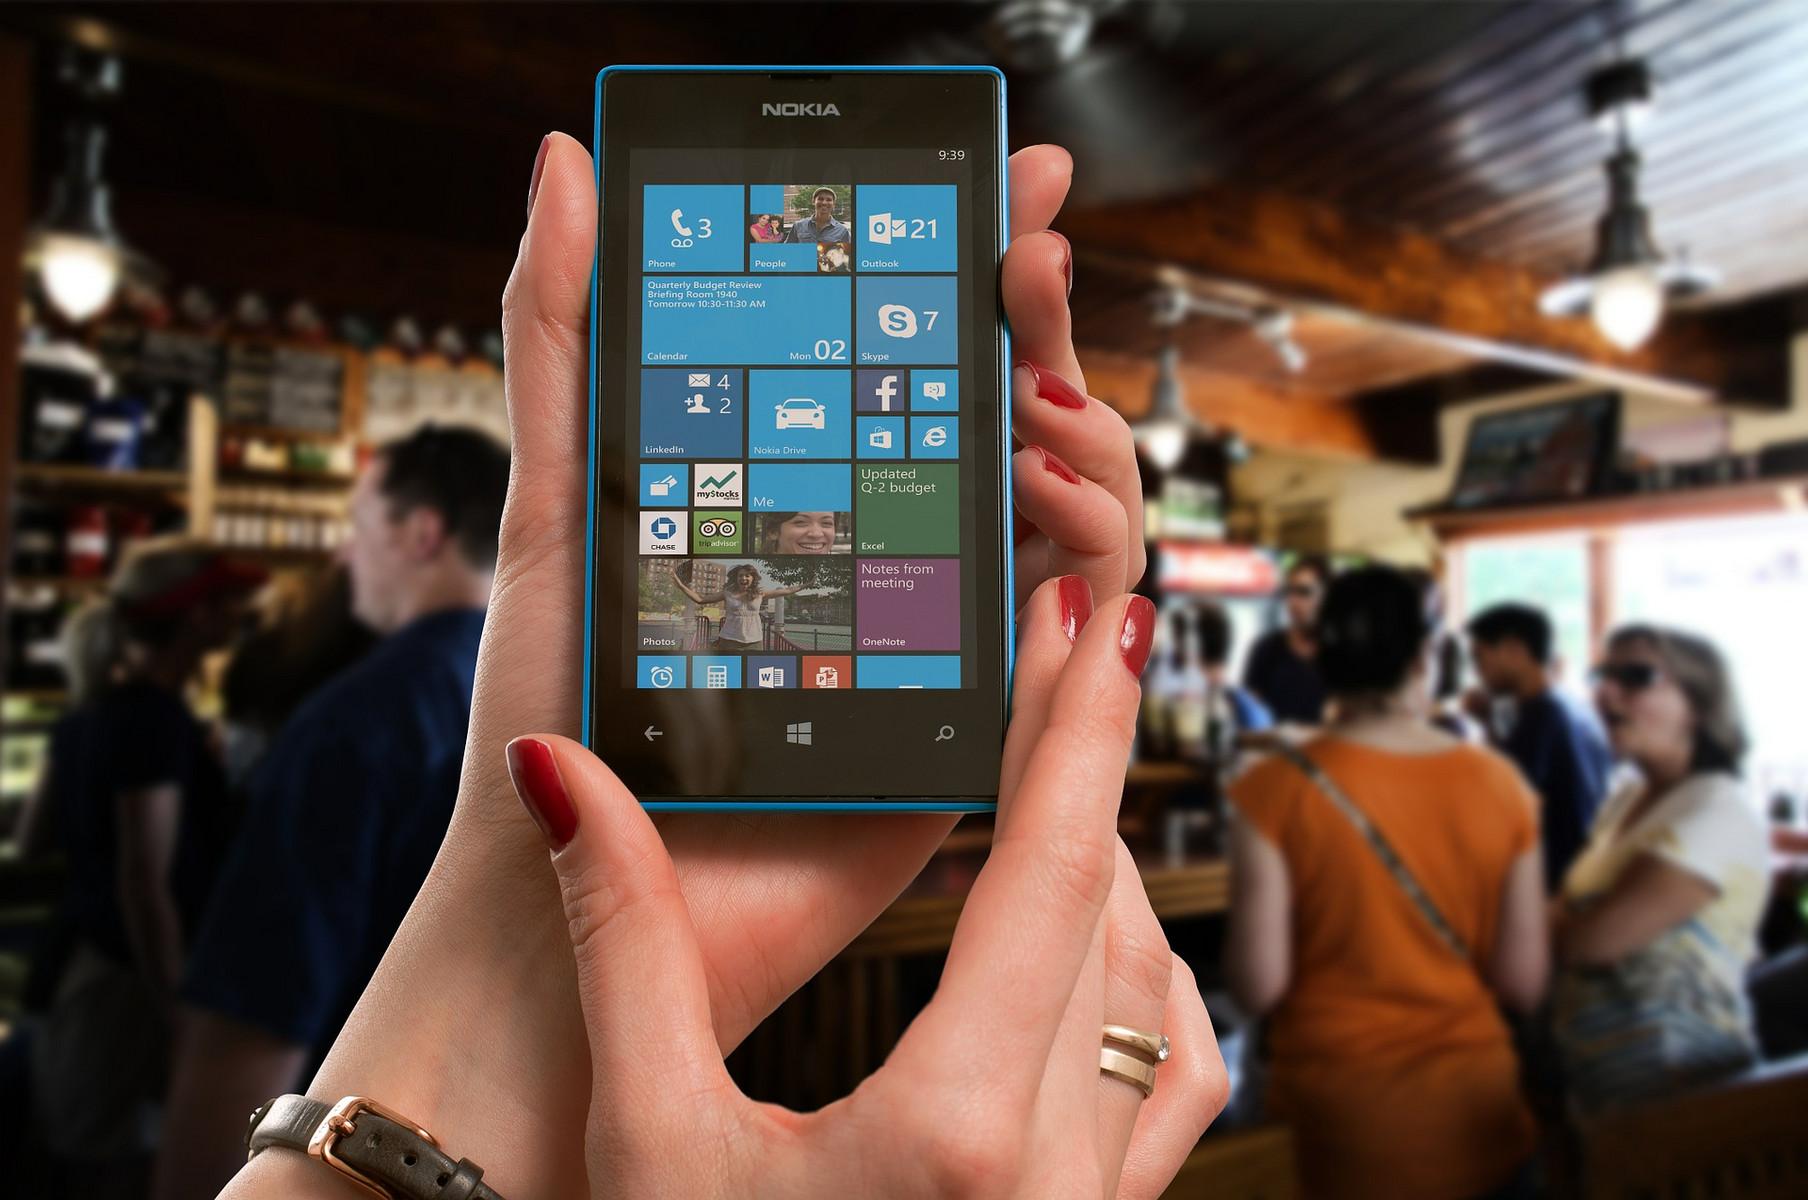 Zeiss-Objektive für zukünftige Nokia-Smartphones